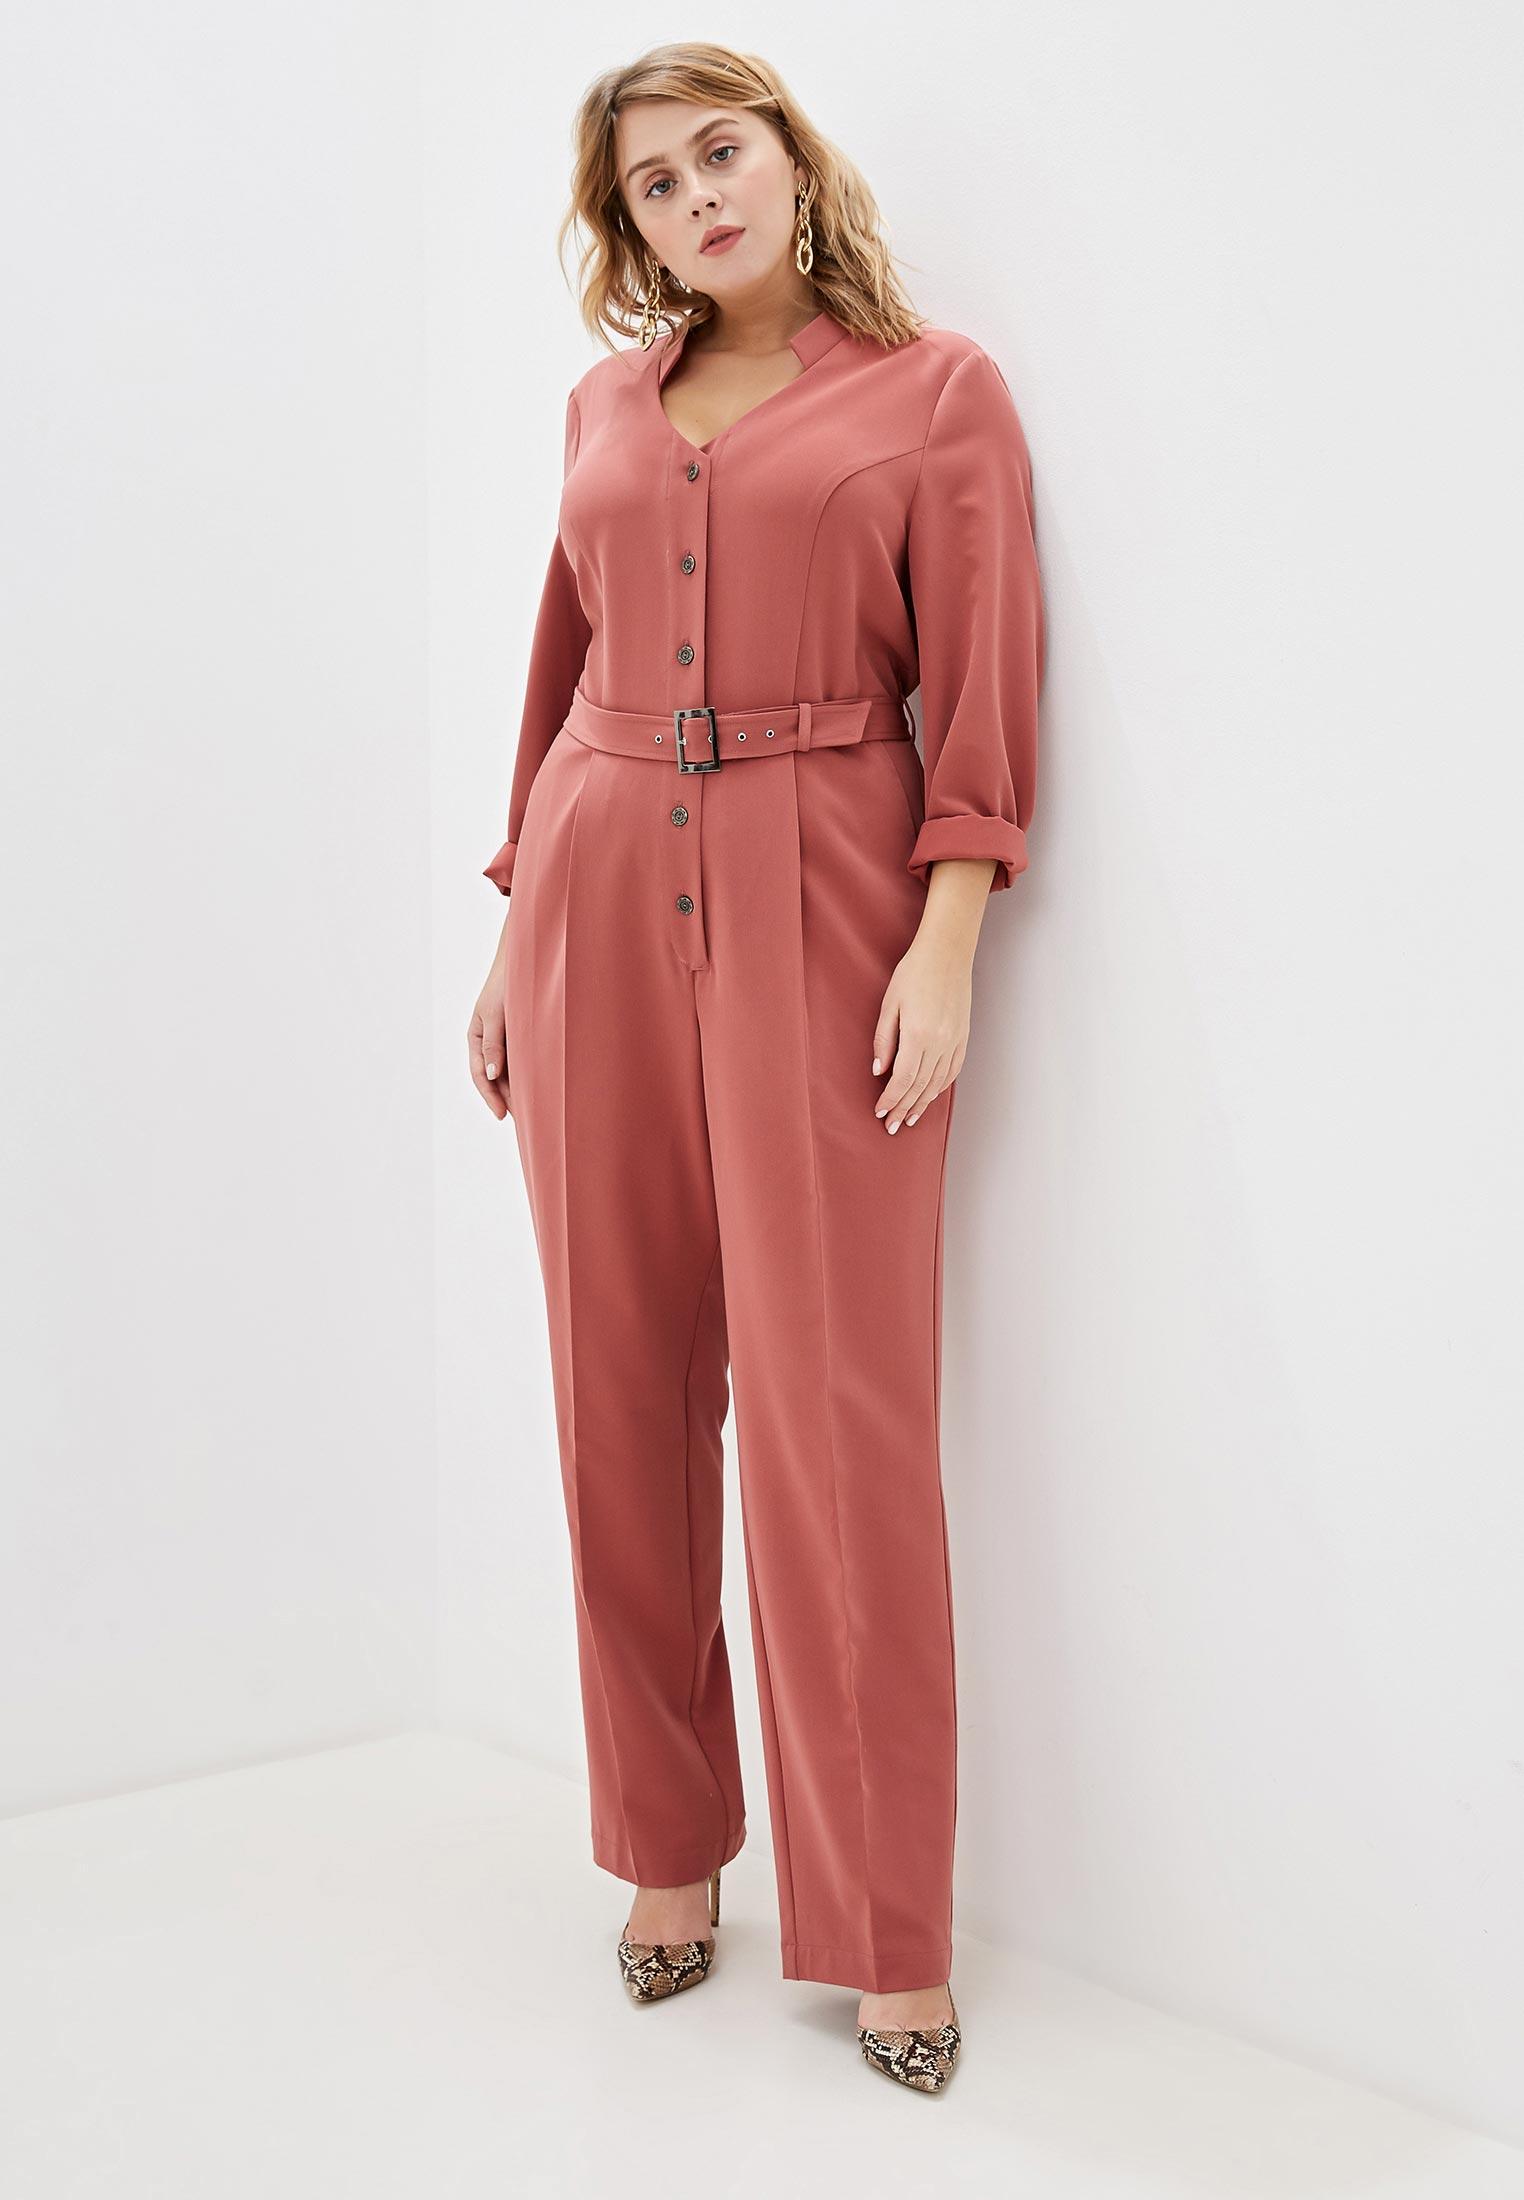 Комбинезон Авантюра Plus Size Fashion за 5 201 ₽. в интернет-магазине Lamoda.ru